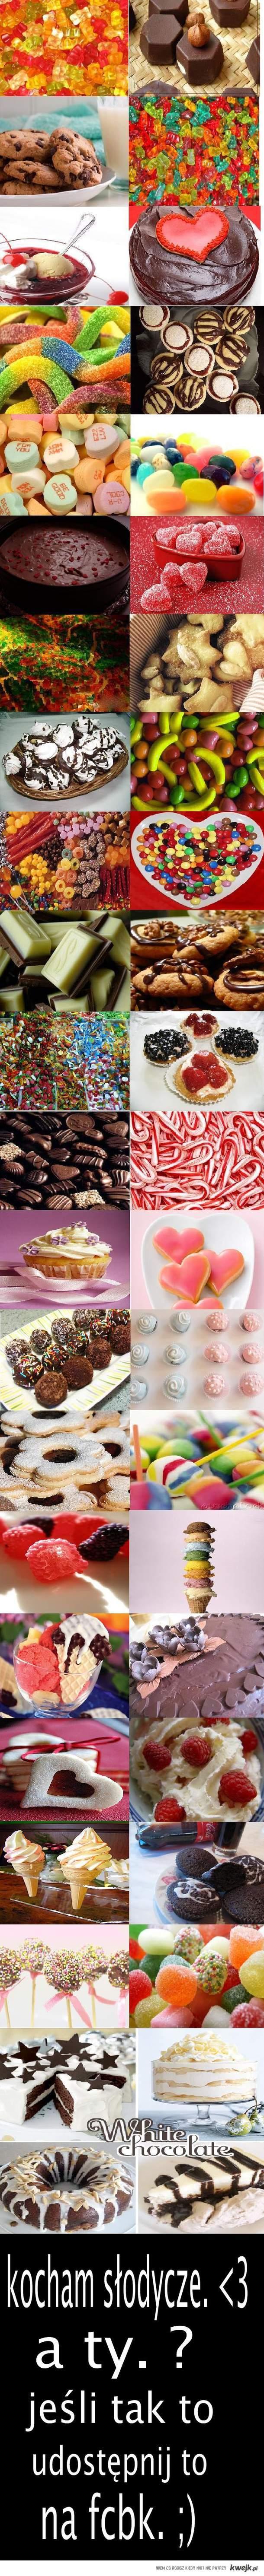 kocham słodycze. <3